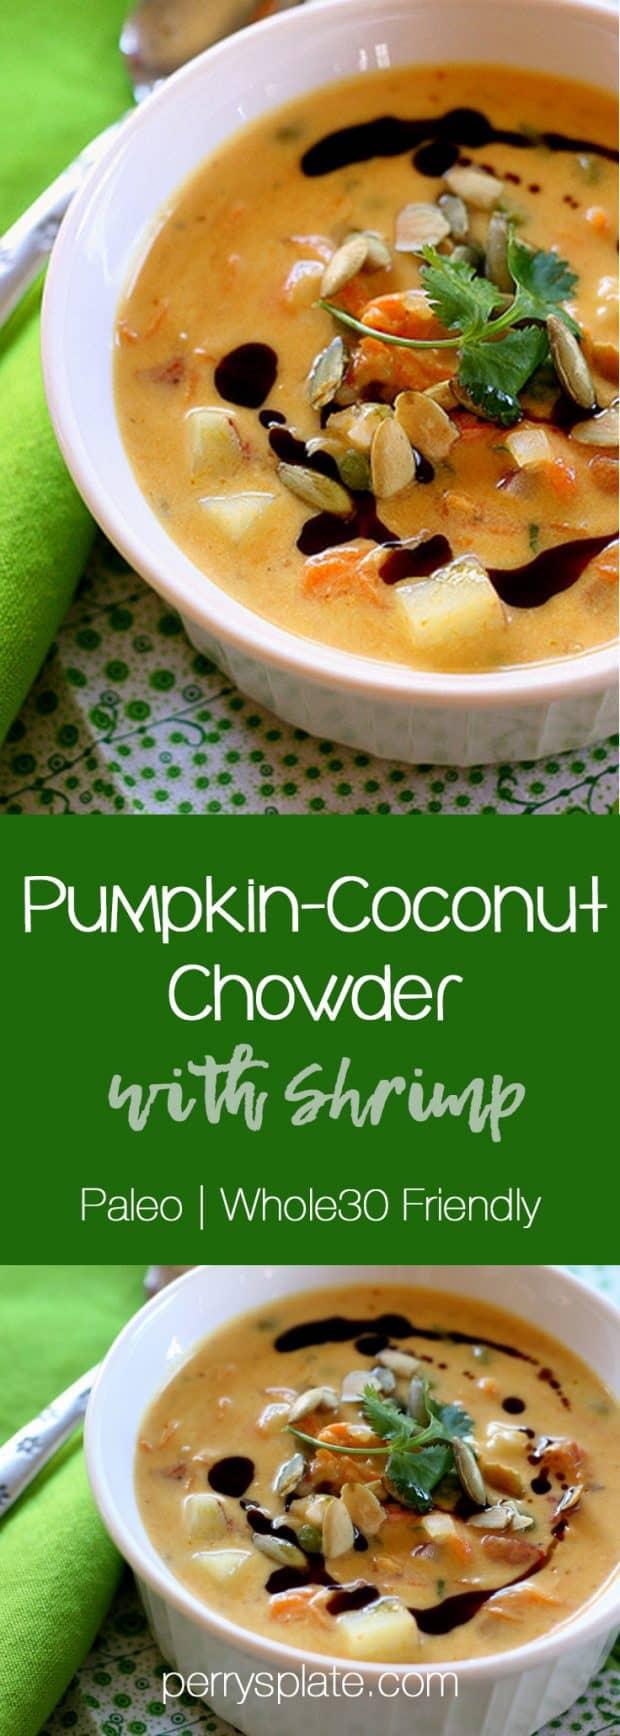 Pumpkin-Coconut Chowder with Shrimp | Whole30 recipes | paleo recipes | soup recipes | gluten-free recipes | perrysplate.com